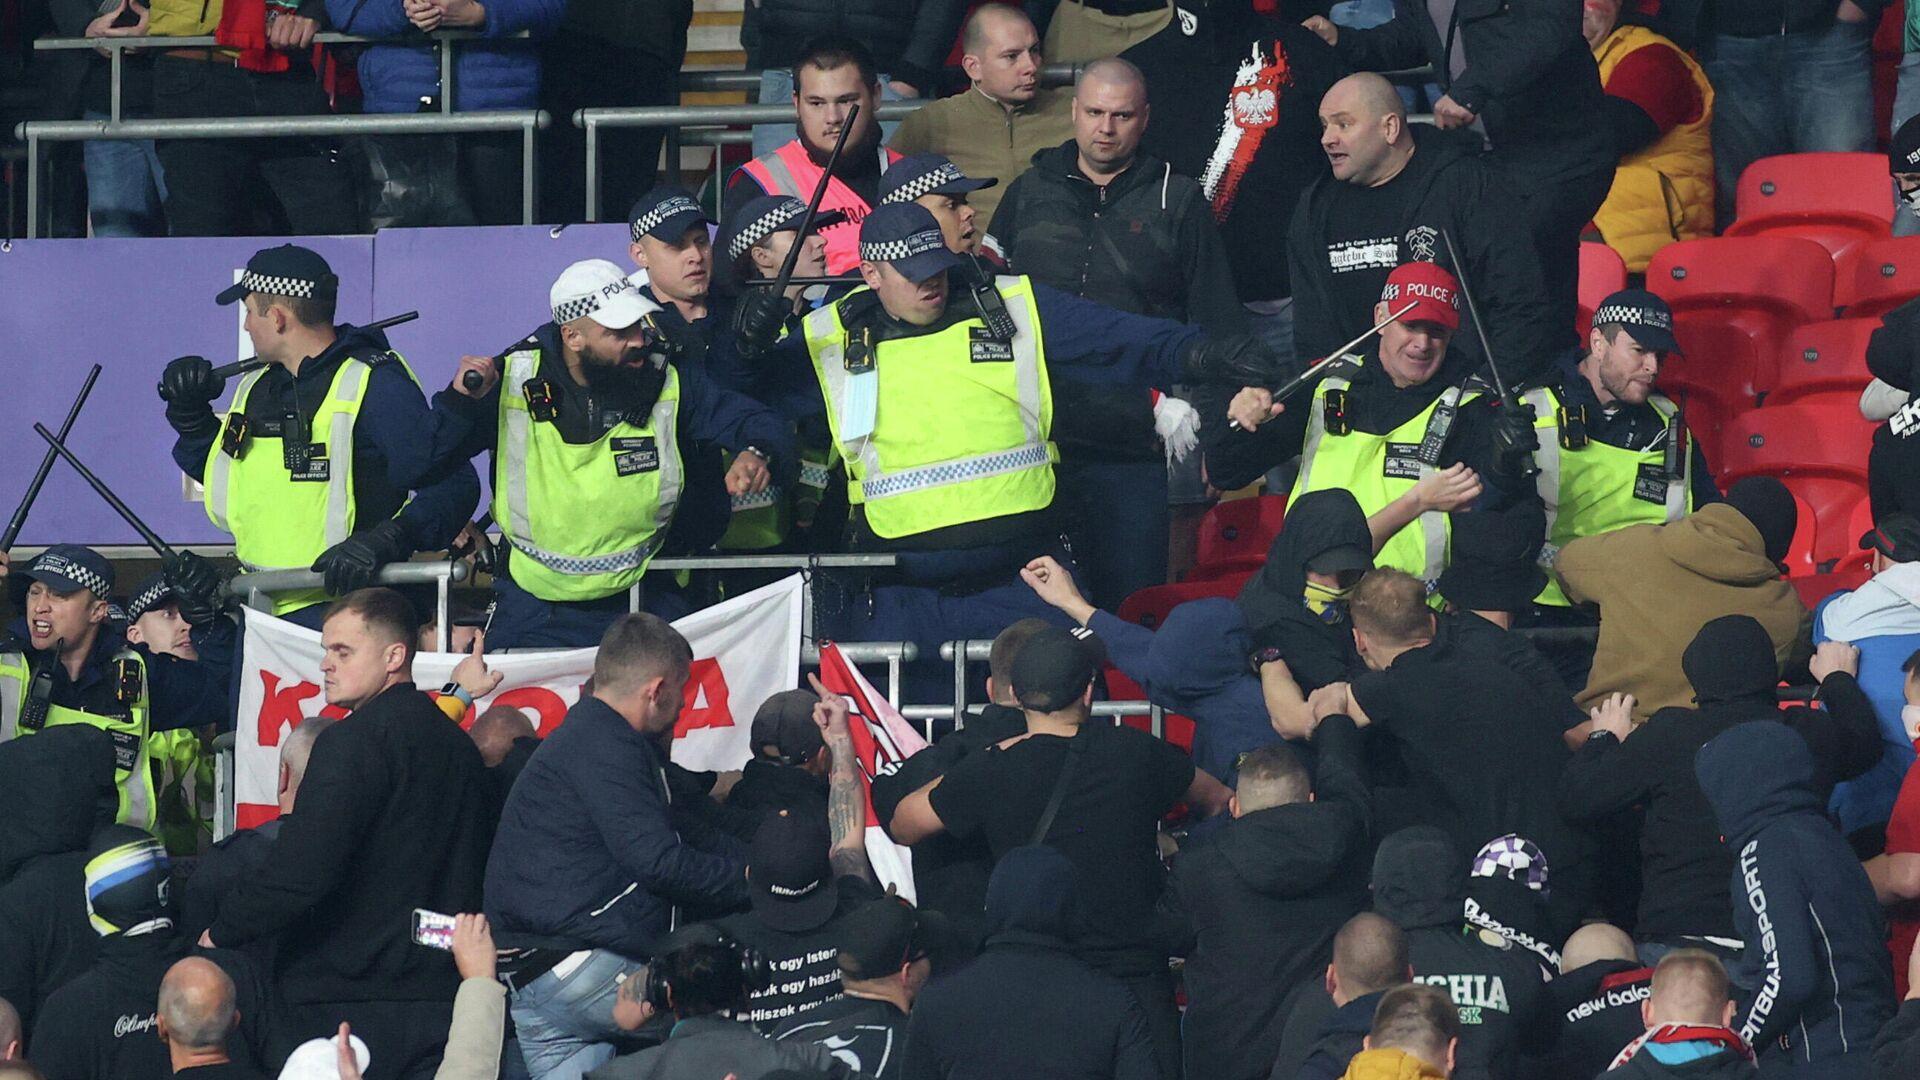 Zusammenstöße zwischen Polizei und Ungarn-Fans in Wembley - SNA, 1920, 13.10.2021